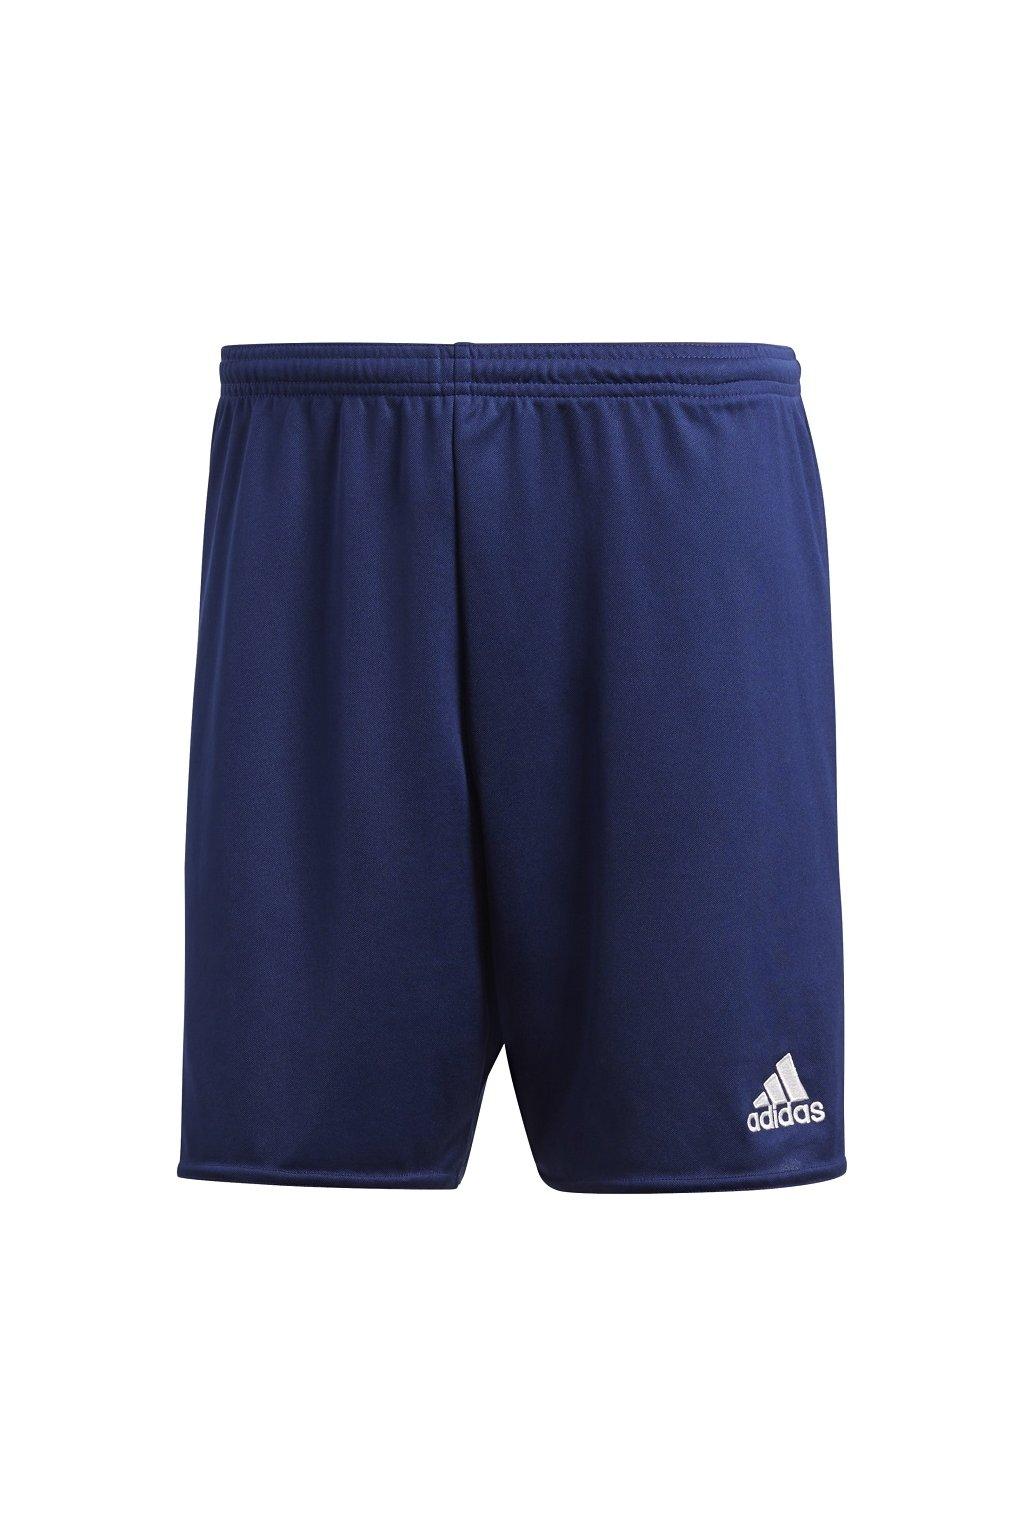 Detské kraťasy Adidas Parma 16 JUNIOR tmavo modré AJ5883/AJ5895